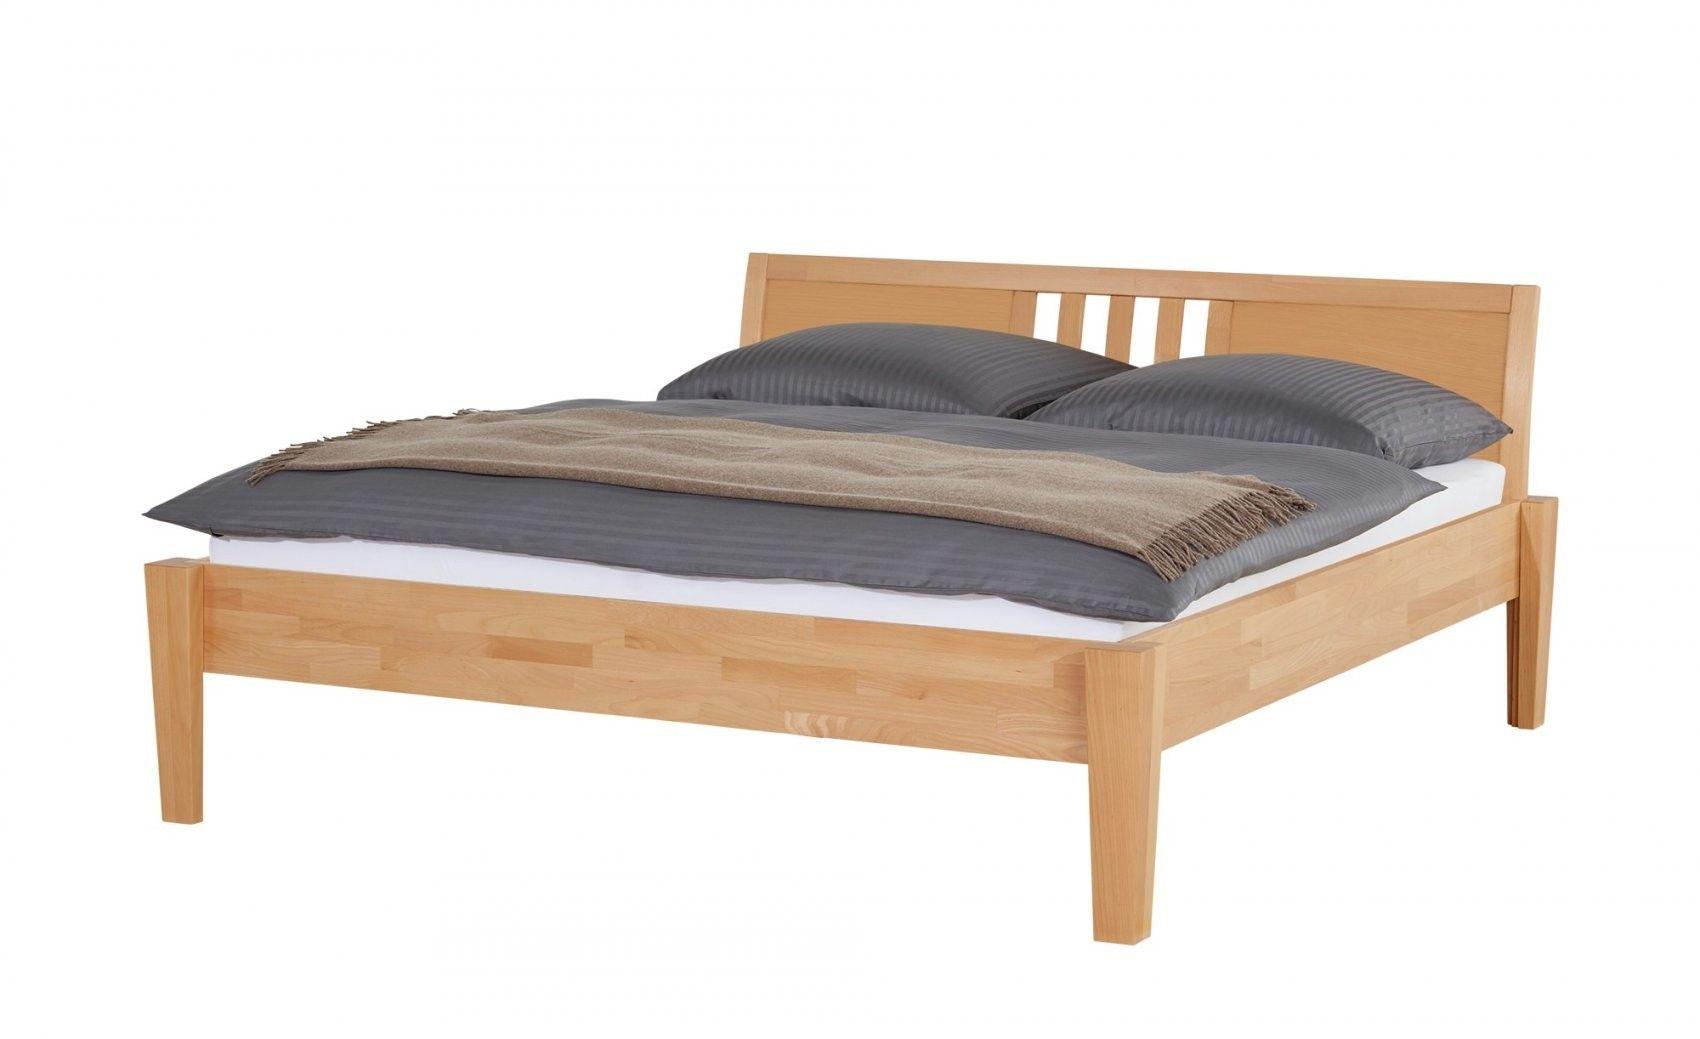 Massivholzbettgestell 140x200 Buche Timber 140 Cm Buche Von Bettgestell Buche 140x200 Bild In 2020 Bettgestell Bett Holz